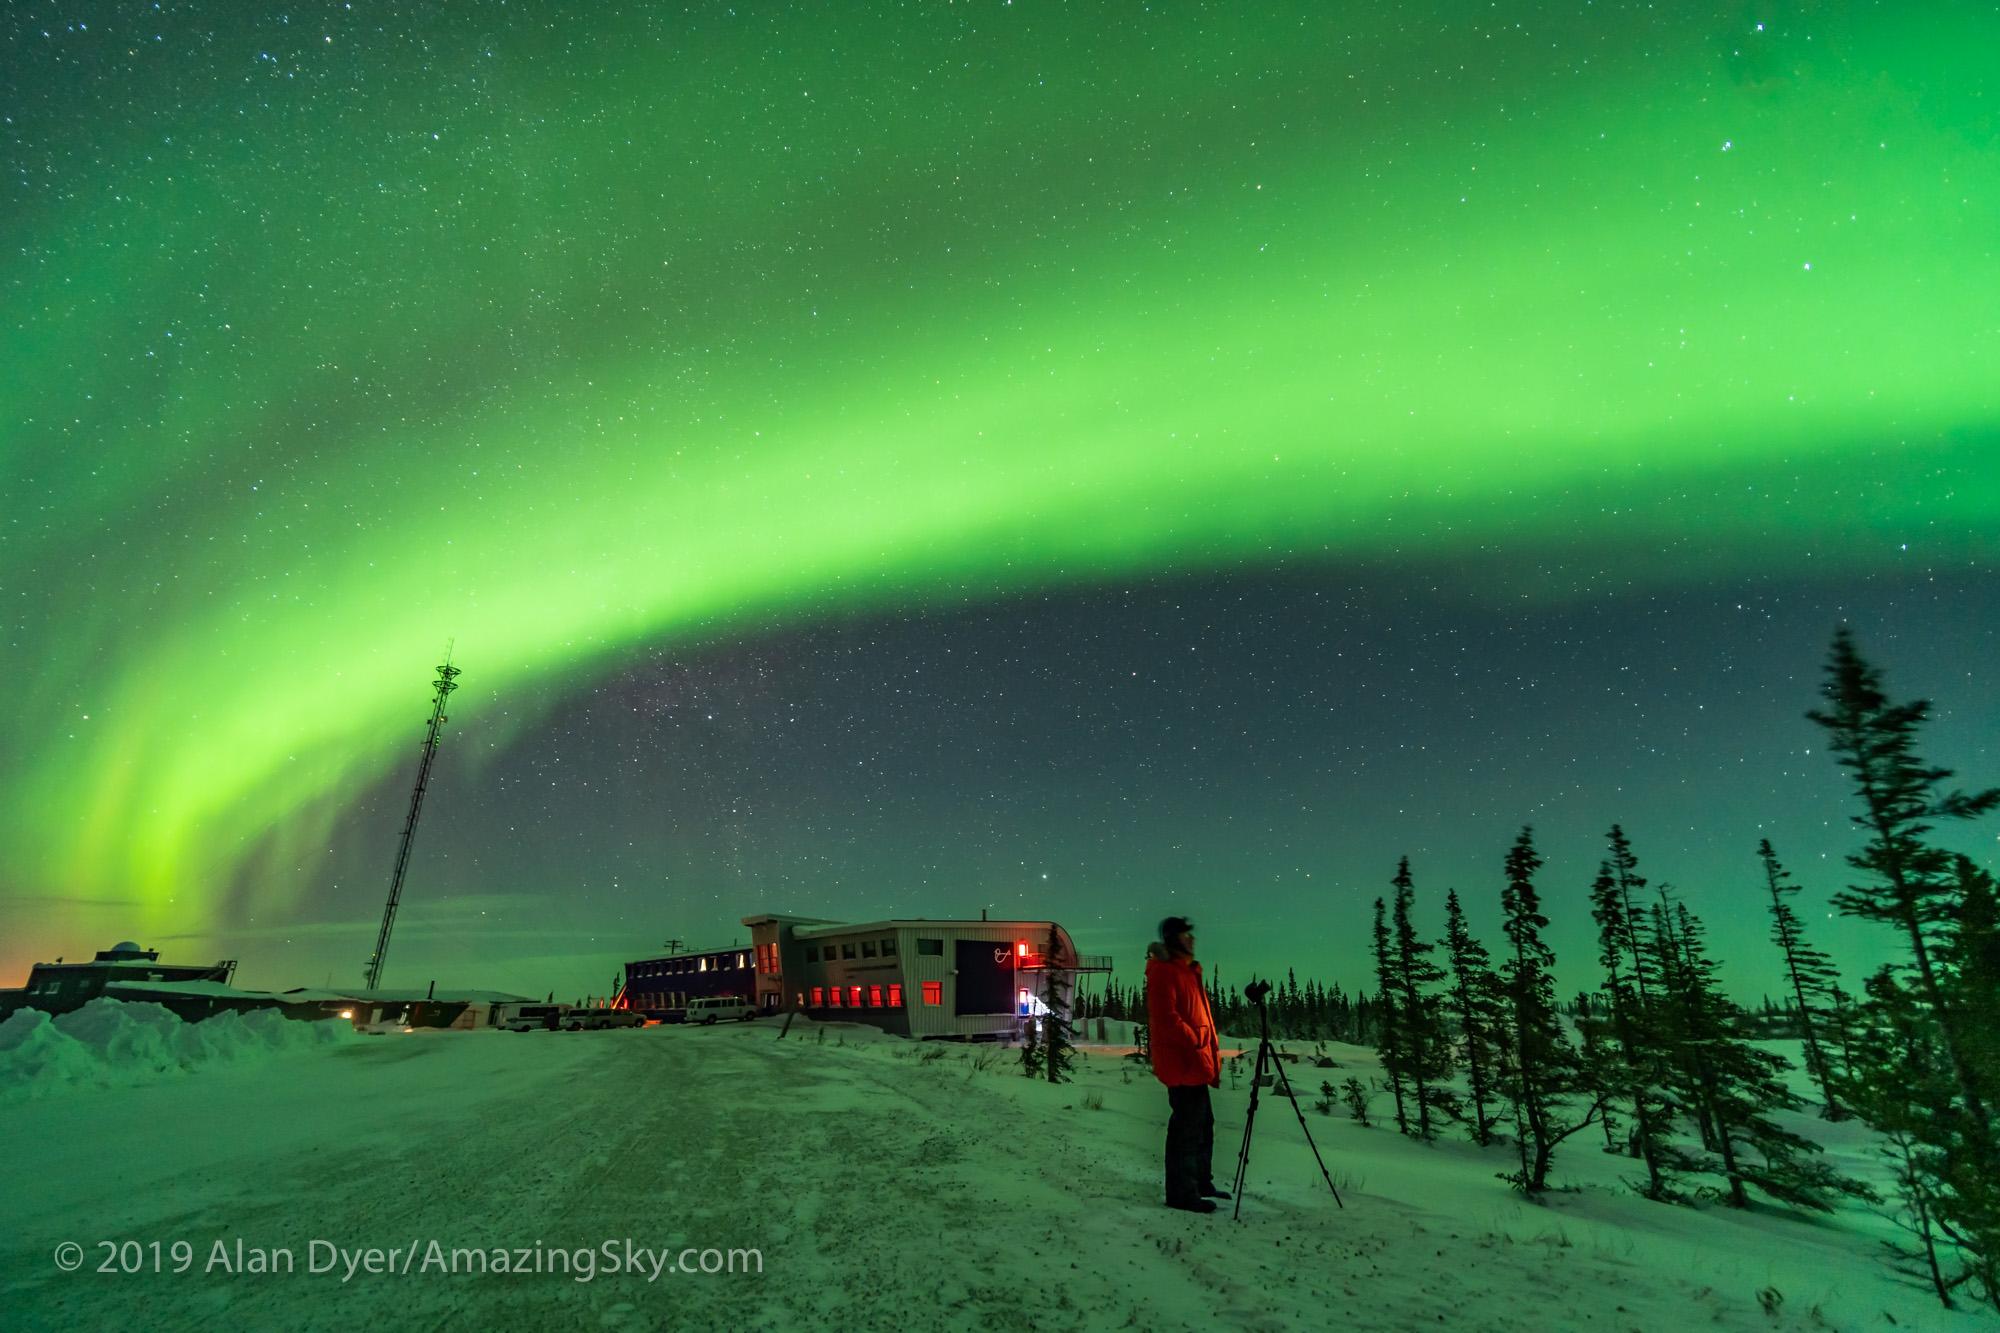 Photographer Shooting the Northern Lights #2 (Feb 8, 2019)